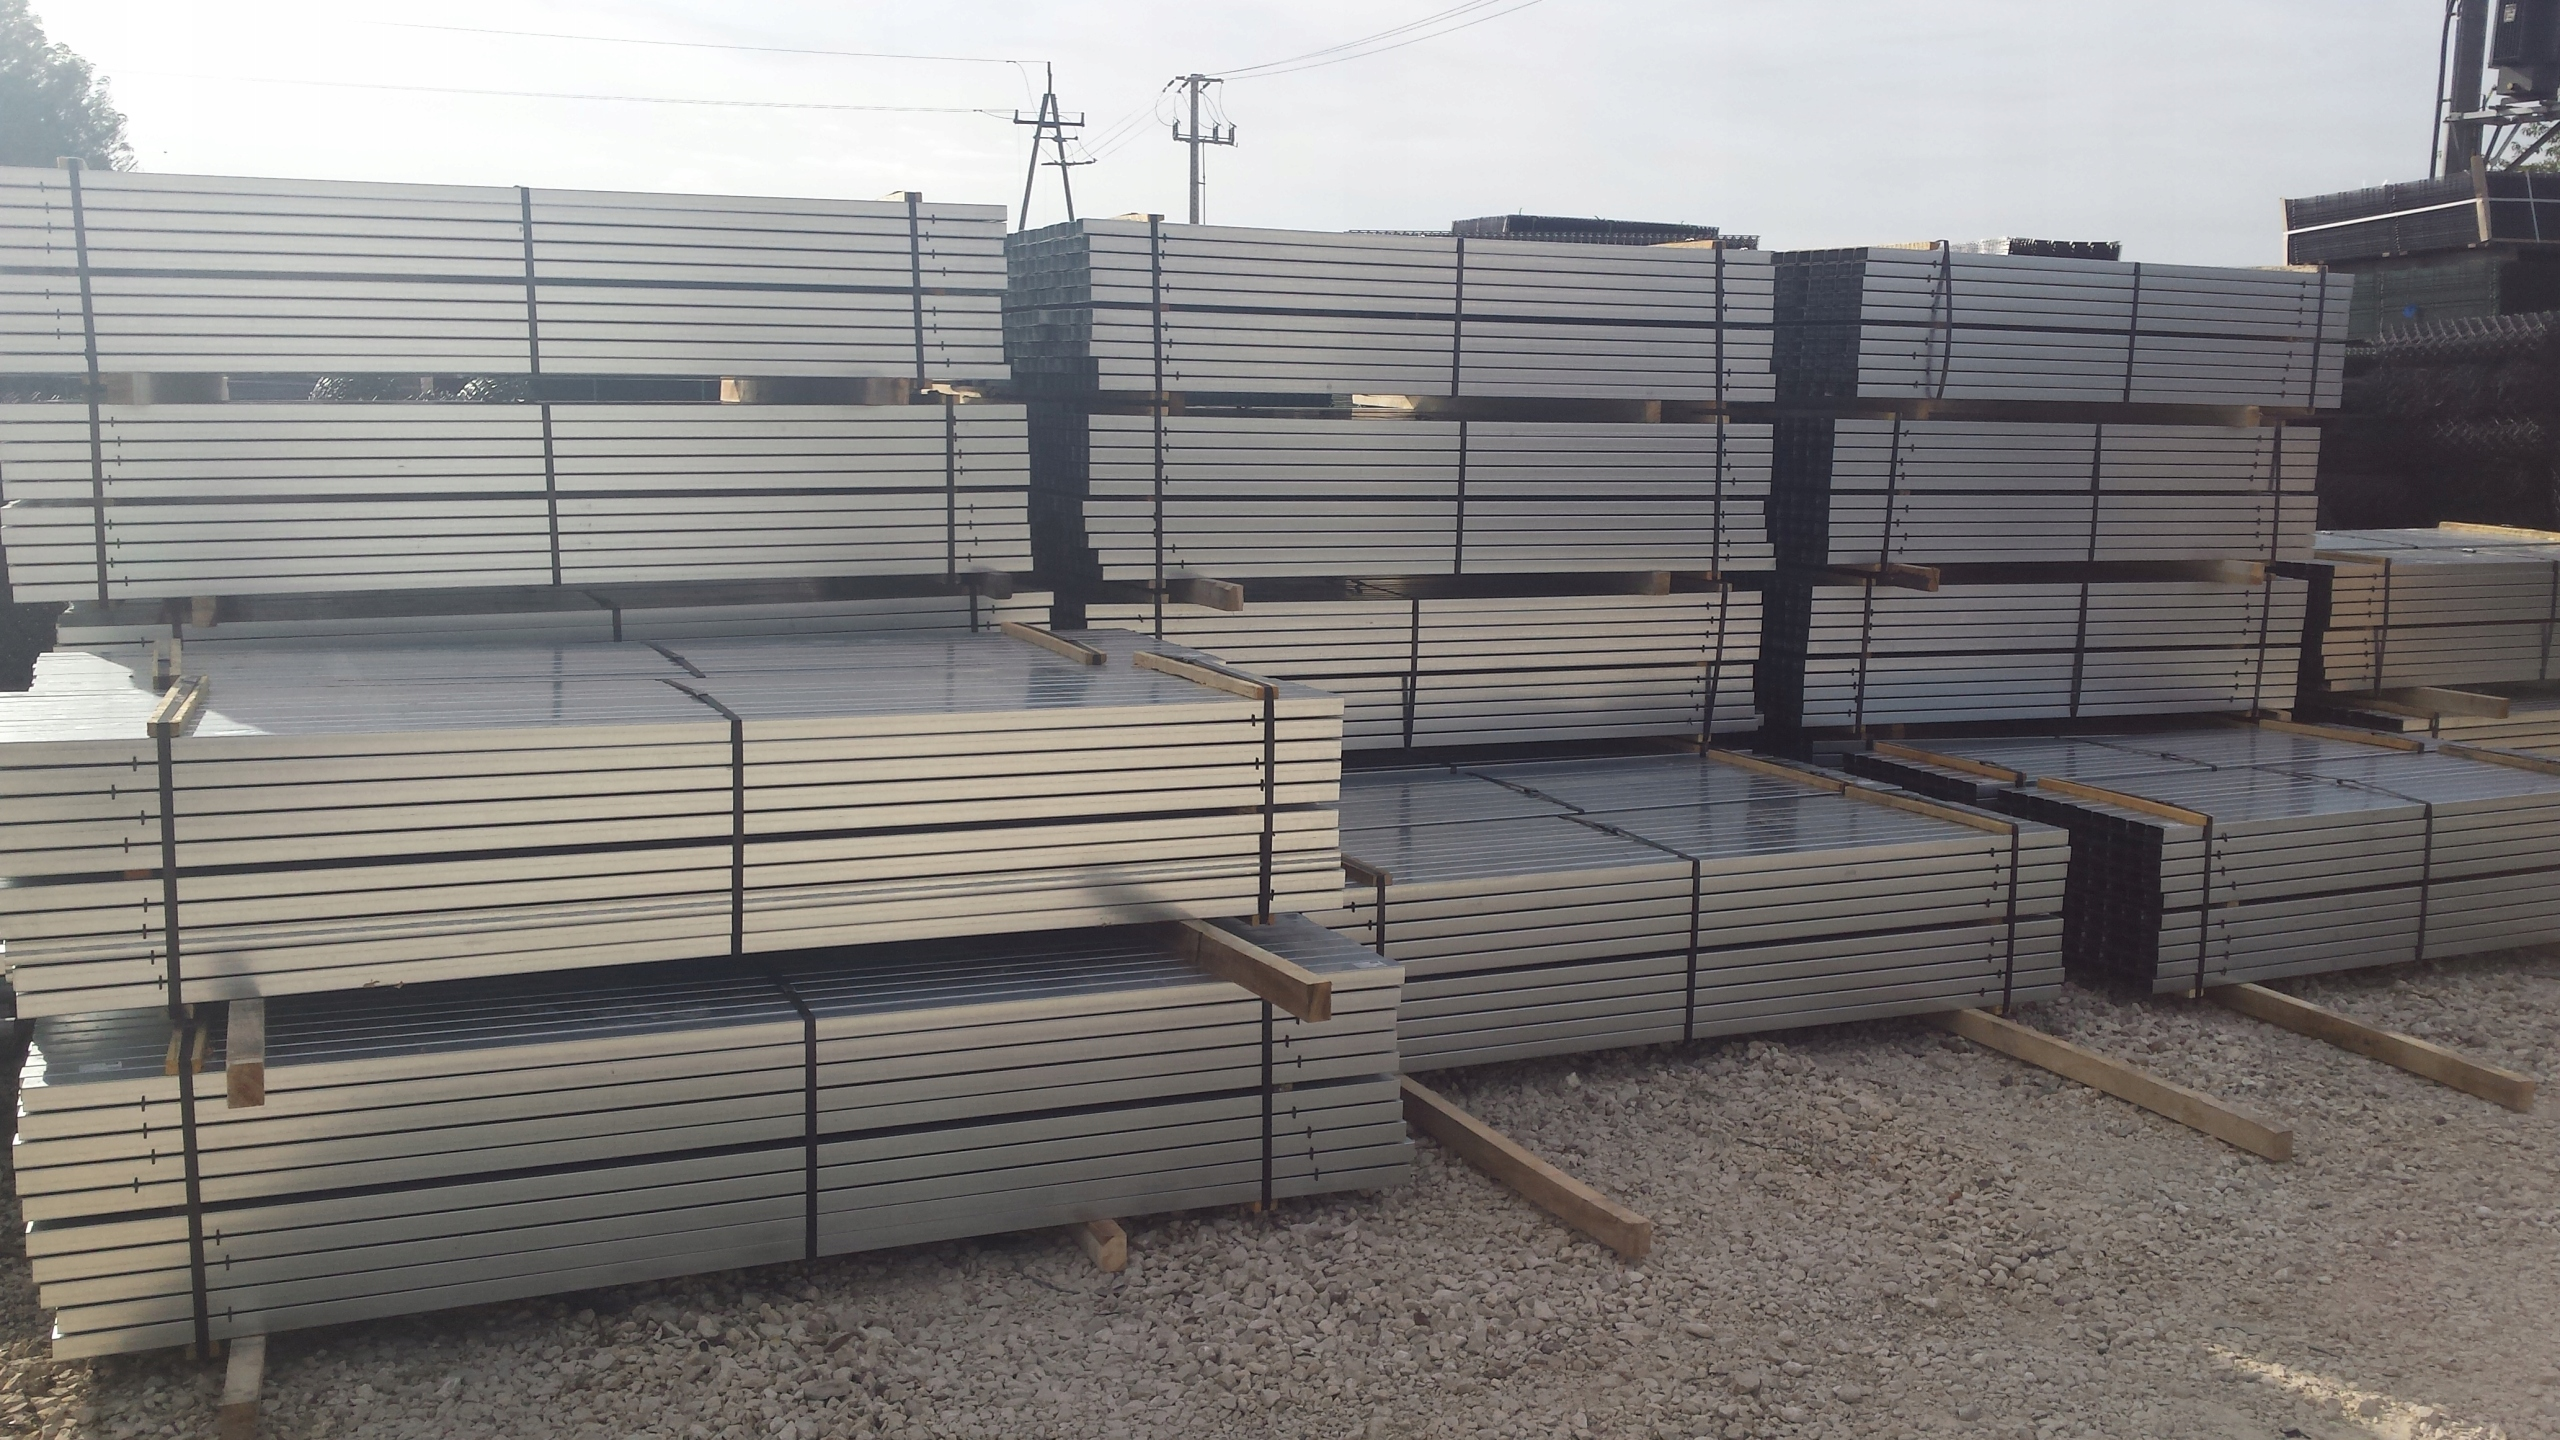 W Ultra Słupki ogrodzeniowe ocynkowane do paneli 2,6 m - 7873182663 ZB93